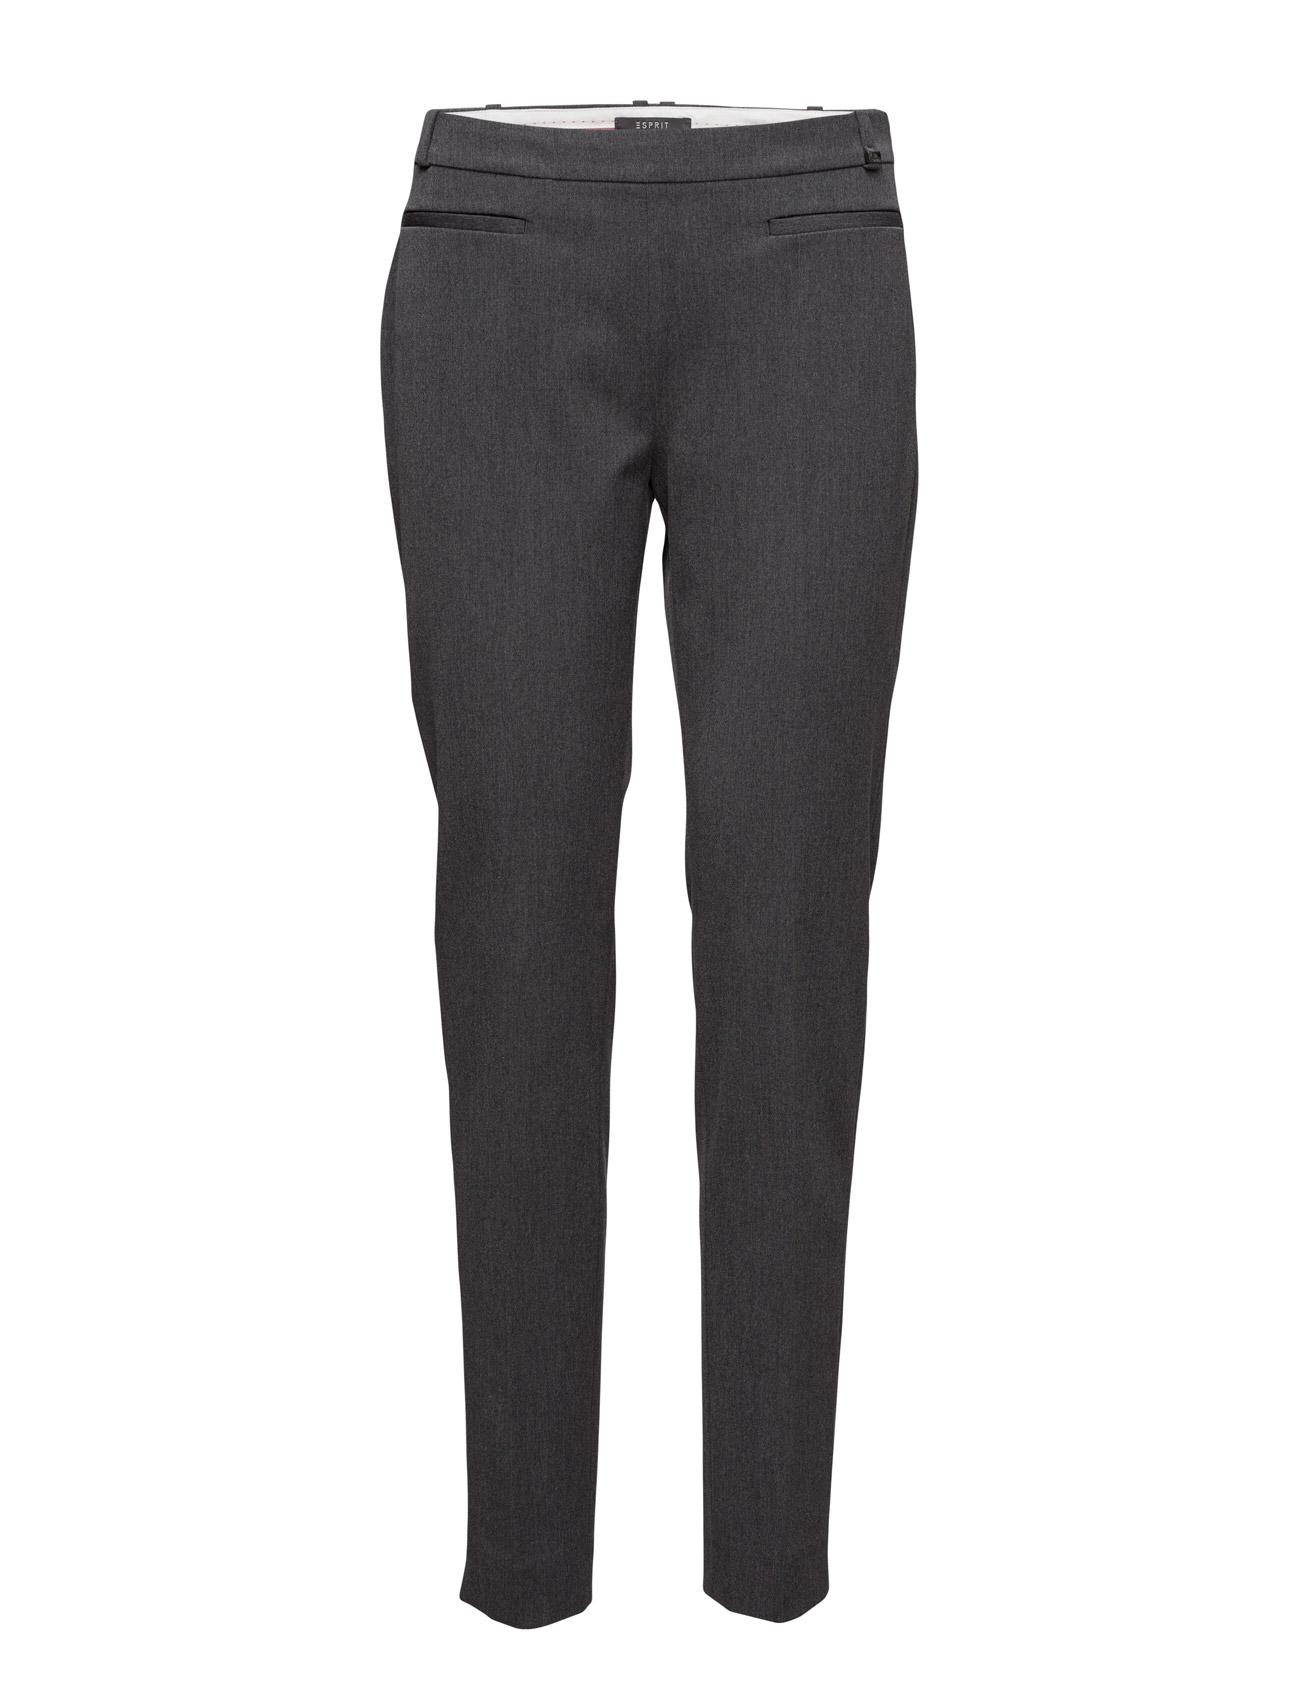 Pants Woven Esprit Collection Bukser til Damer i Mørkegrå